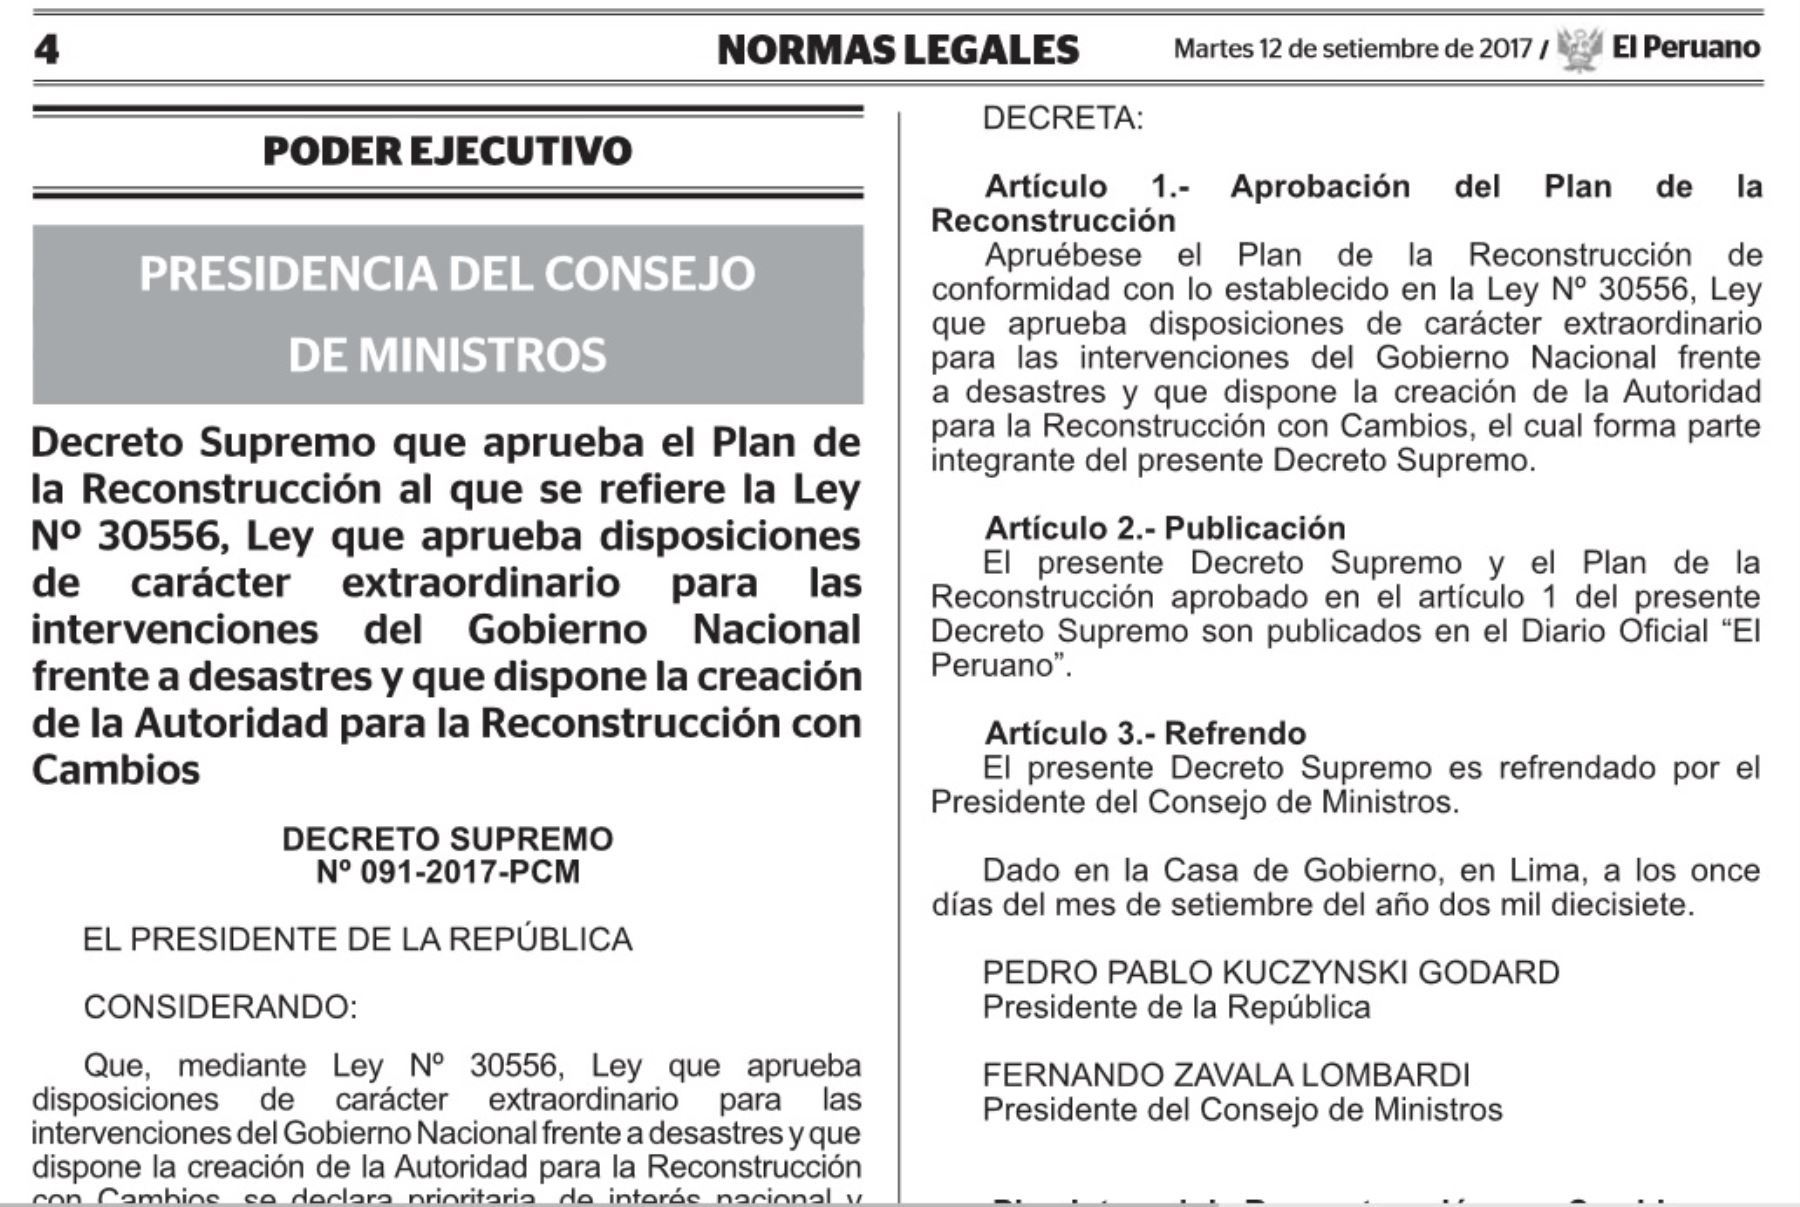 Gobierno oficializa el Plan Integral de la Reconstrucción con Cambios. ANDINA